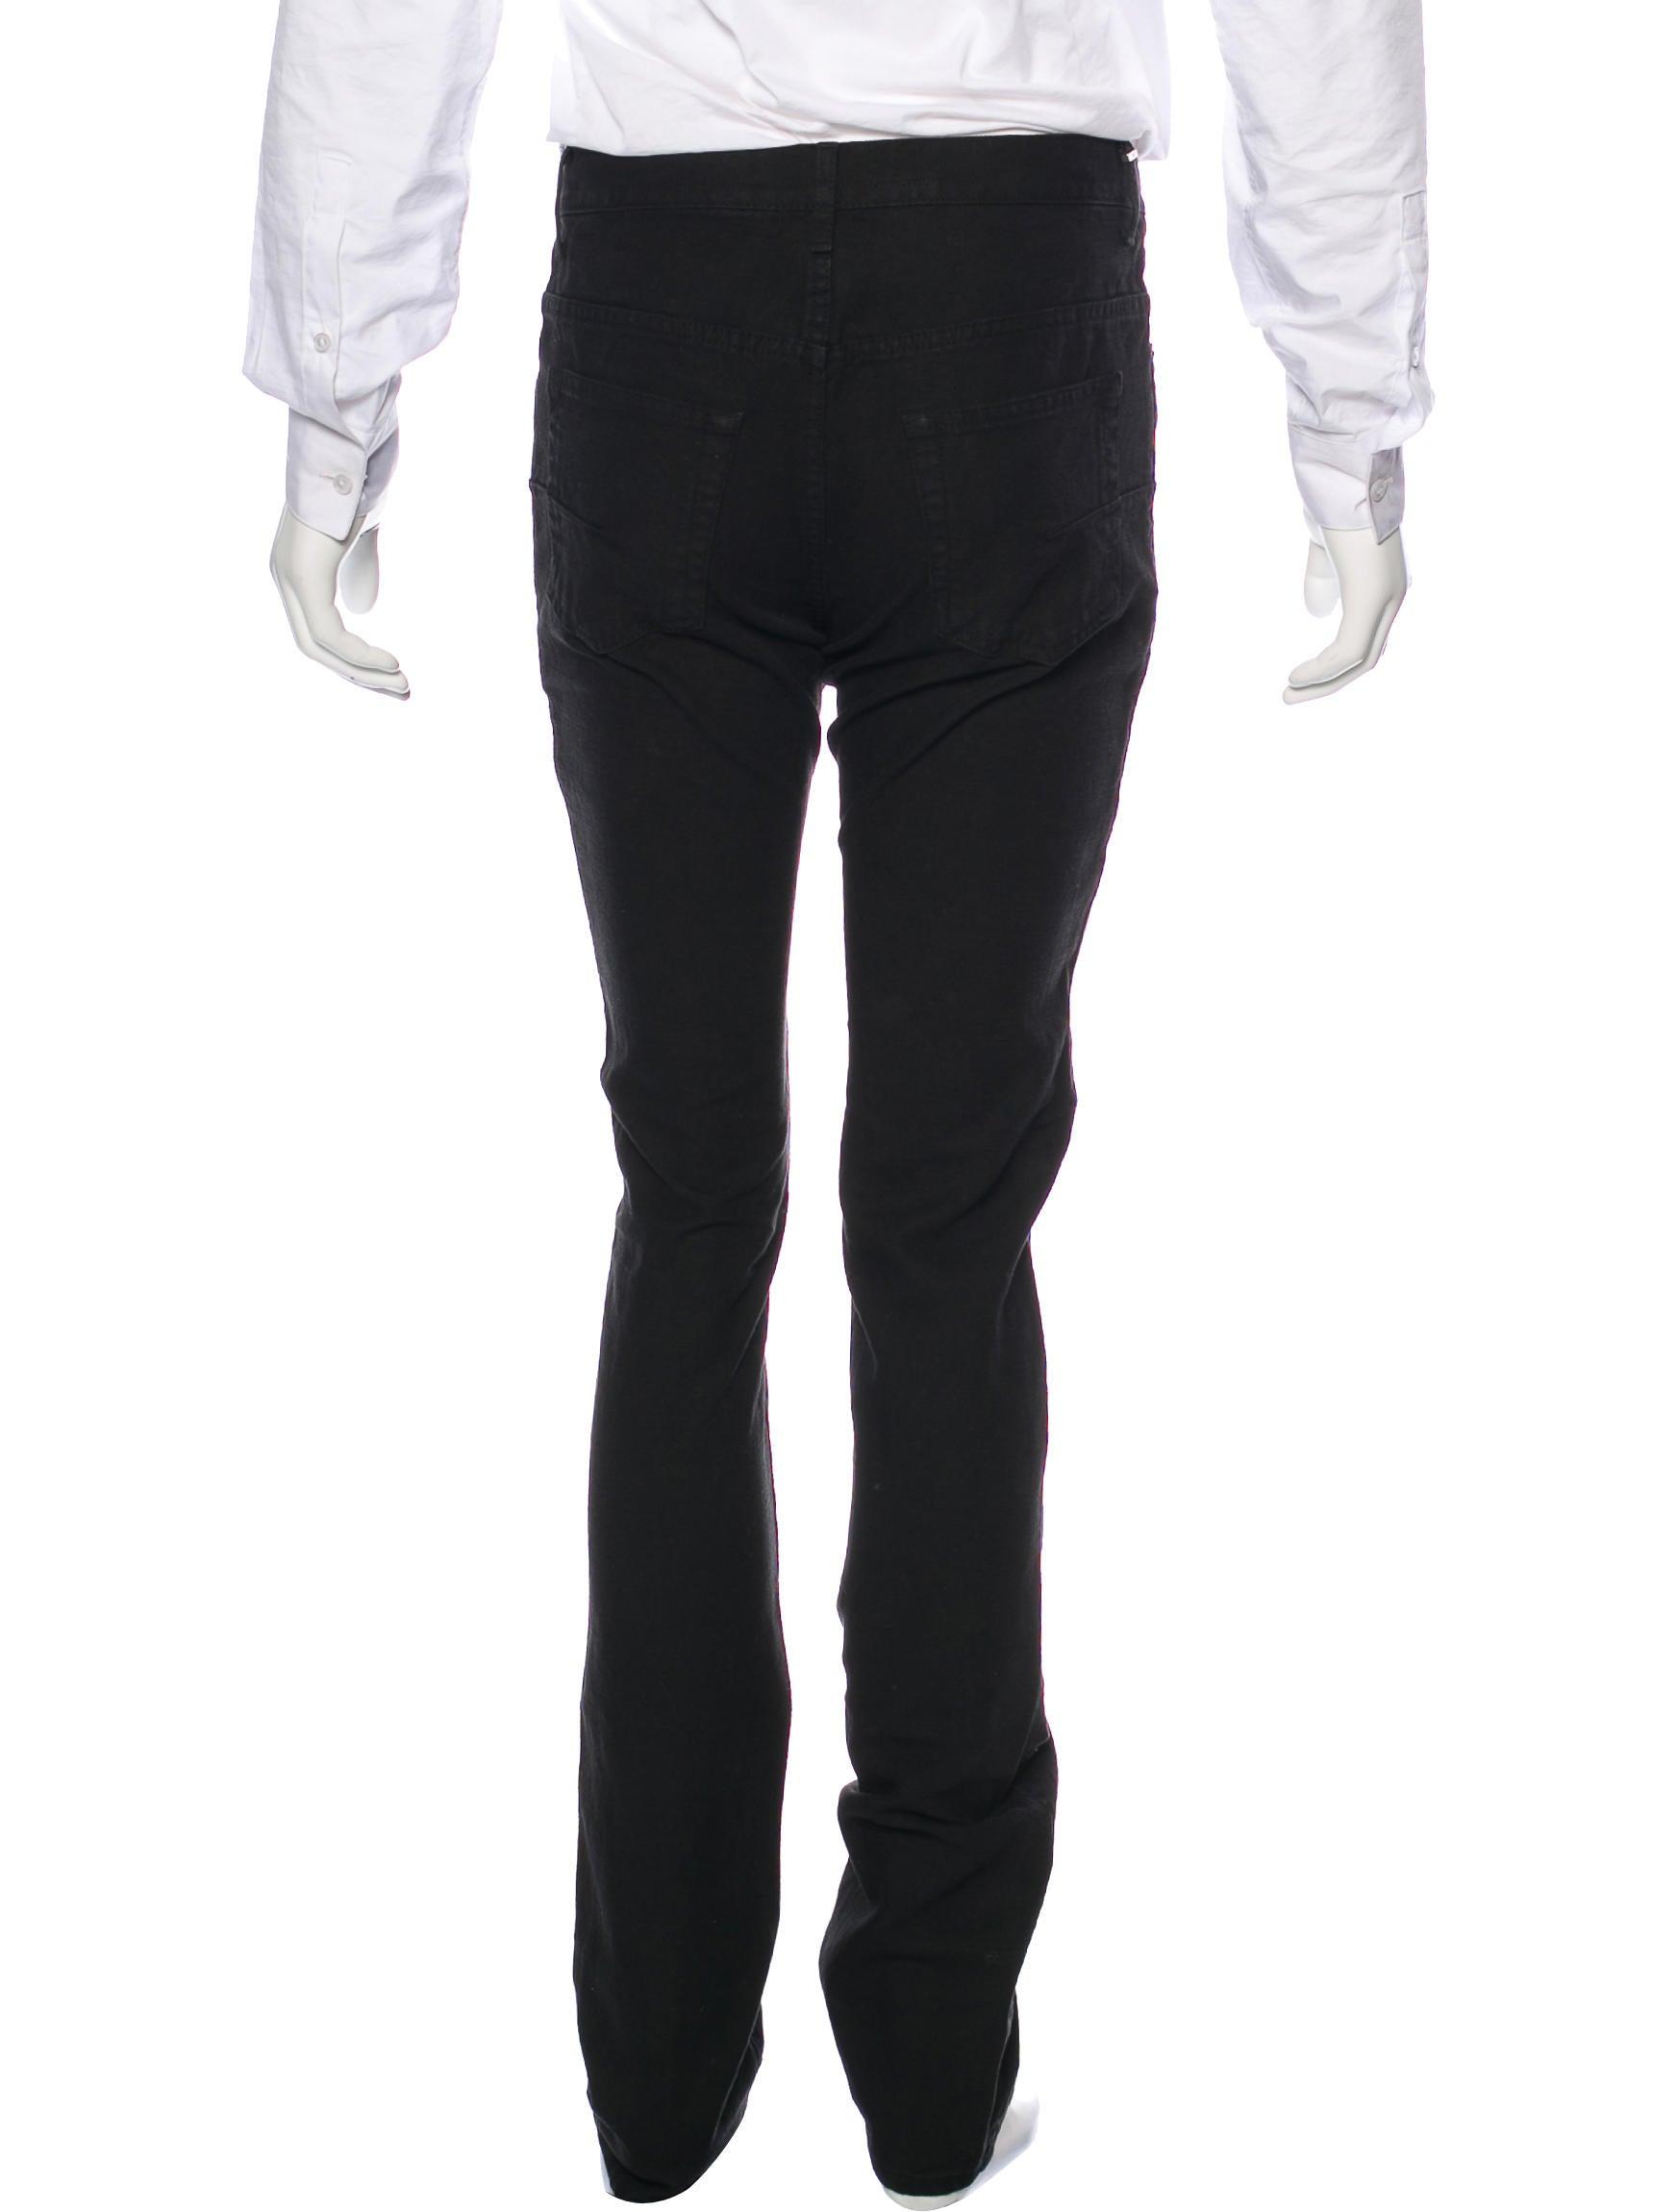 dior homme five pocket slim jeans clothing hmm23361. Black Bedroom Furniture Sets. Home Design Ideas